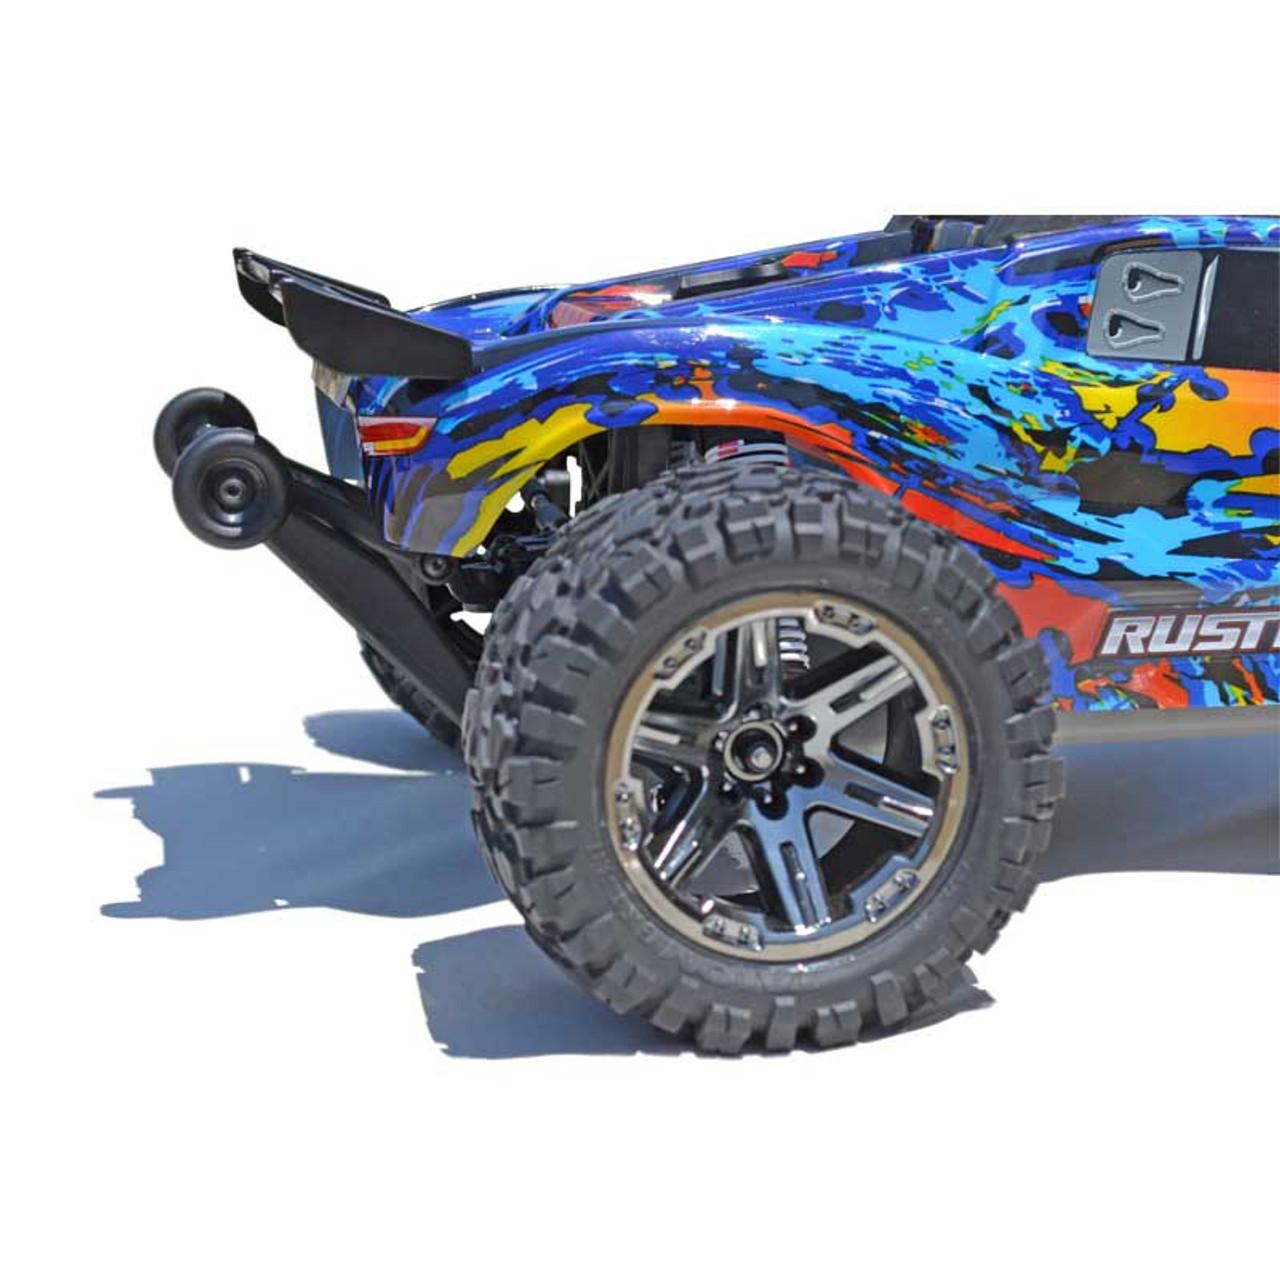 Traxxas Wheelie Bar Rustler 4x4 Black 6776